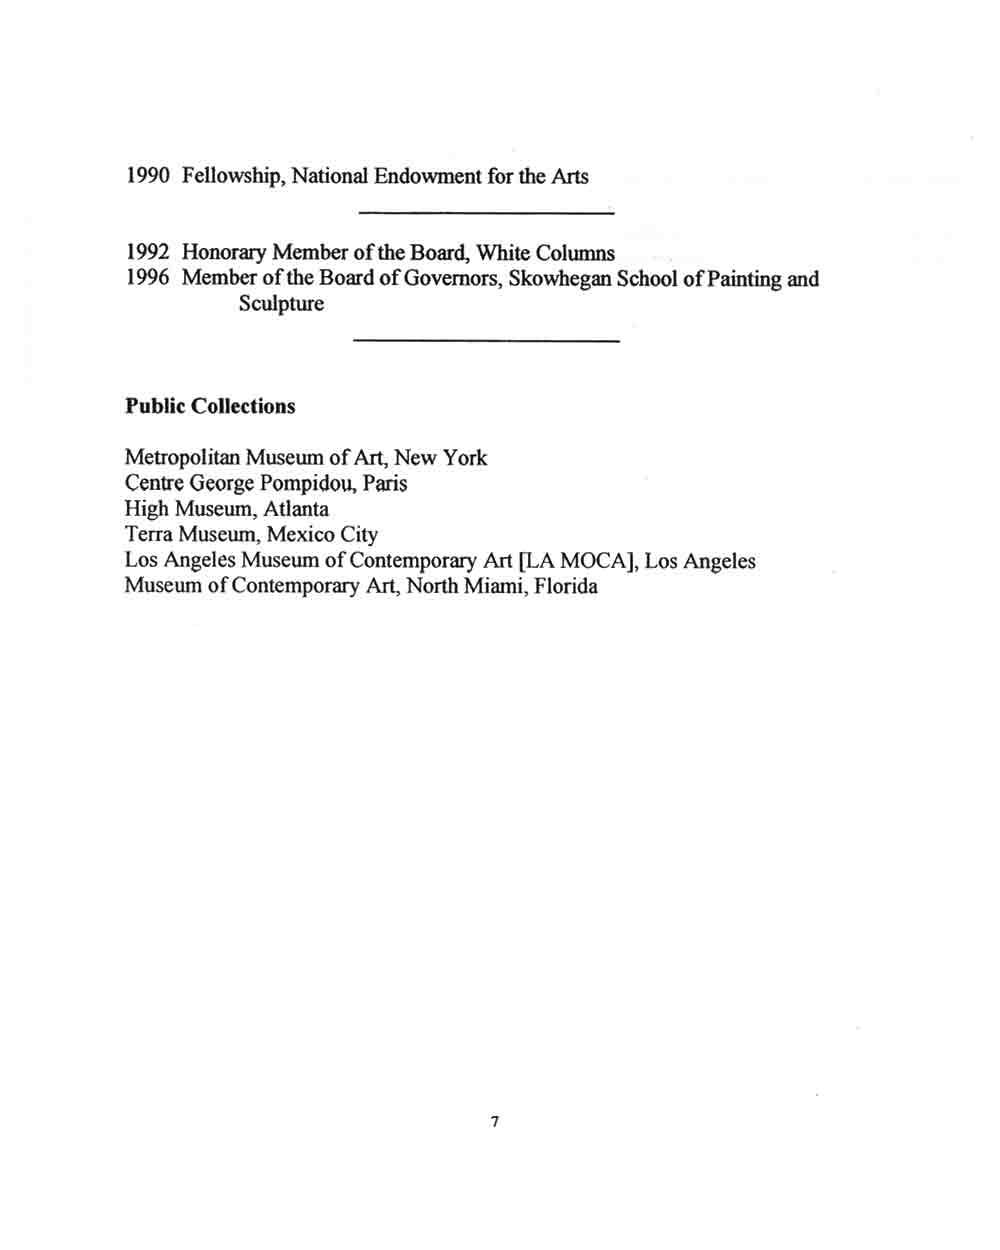 Ti Shan Hsu's Resume, pg 7